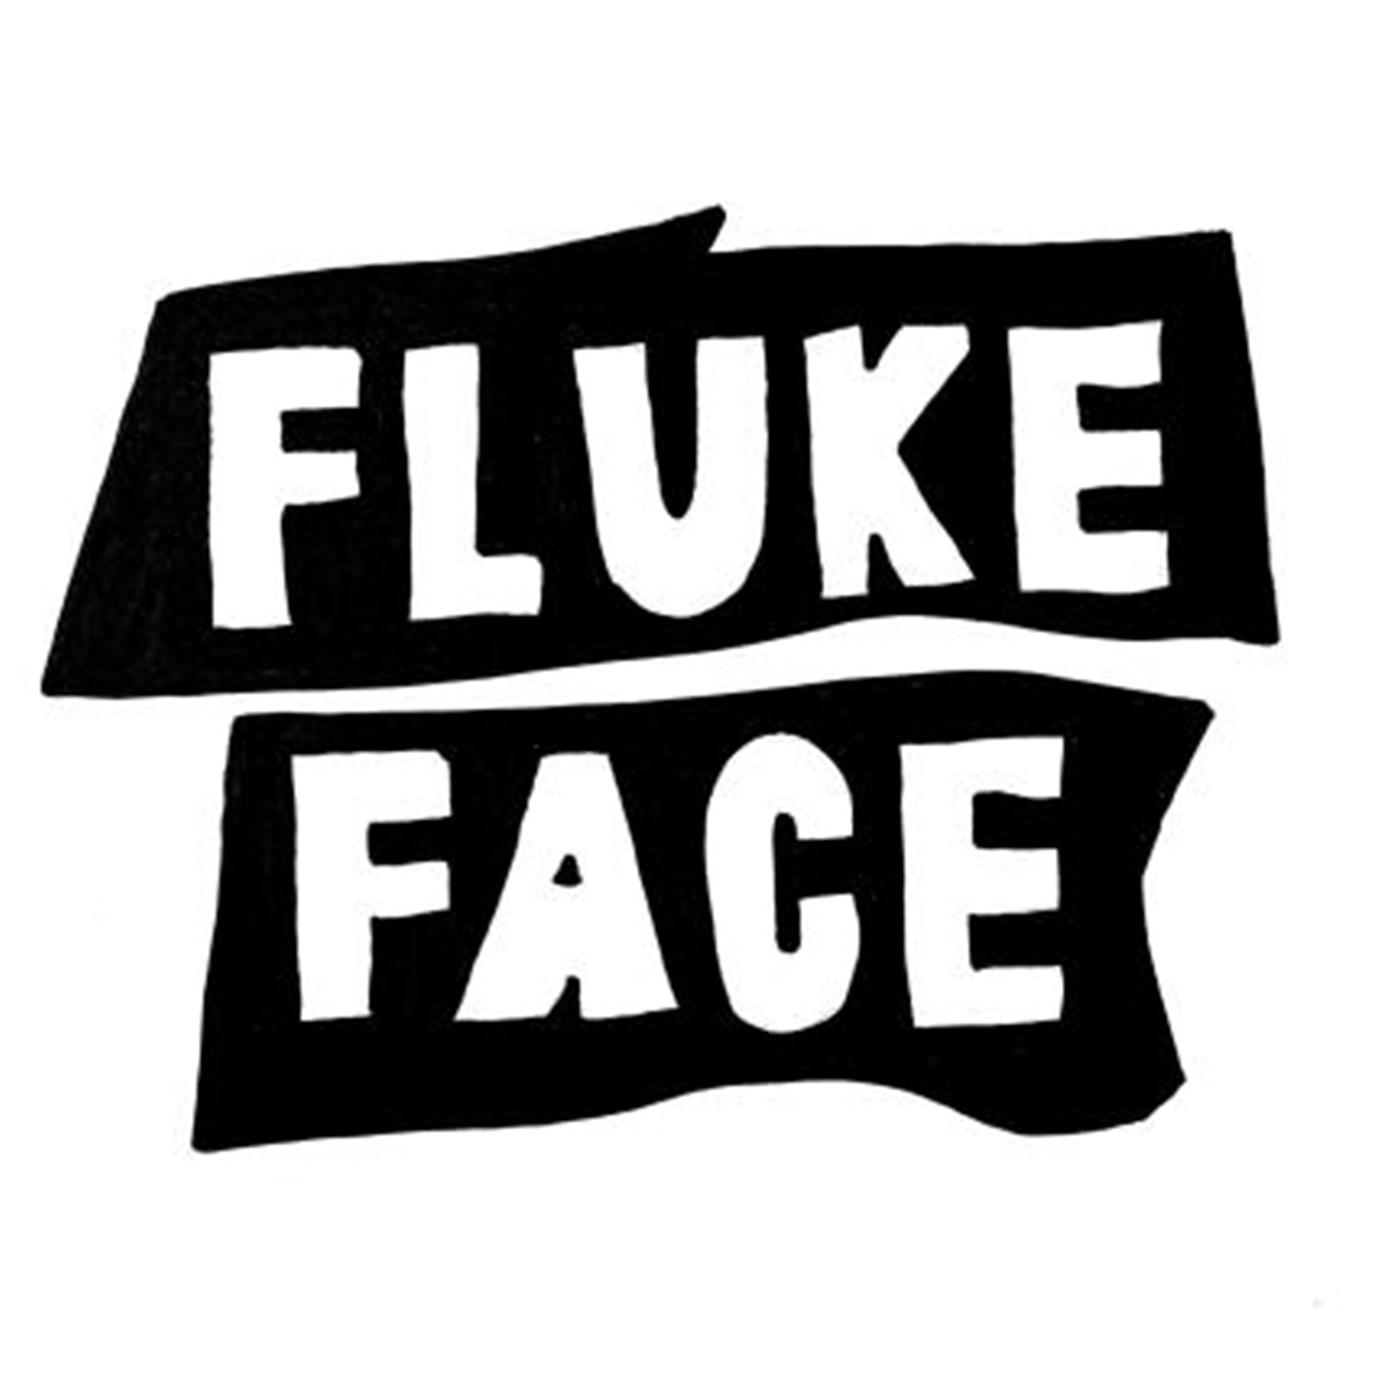 Fluke Face